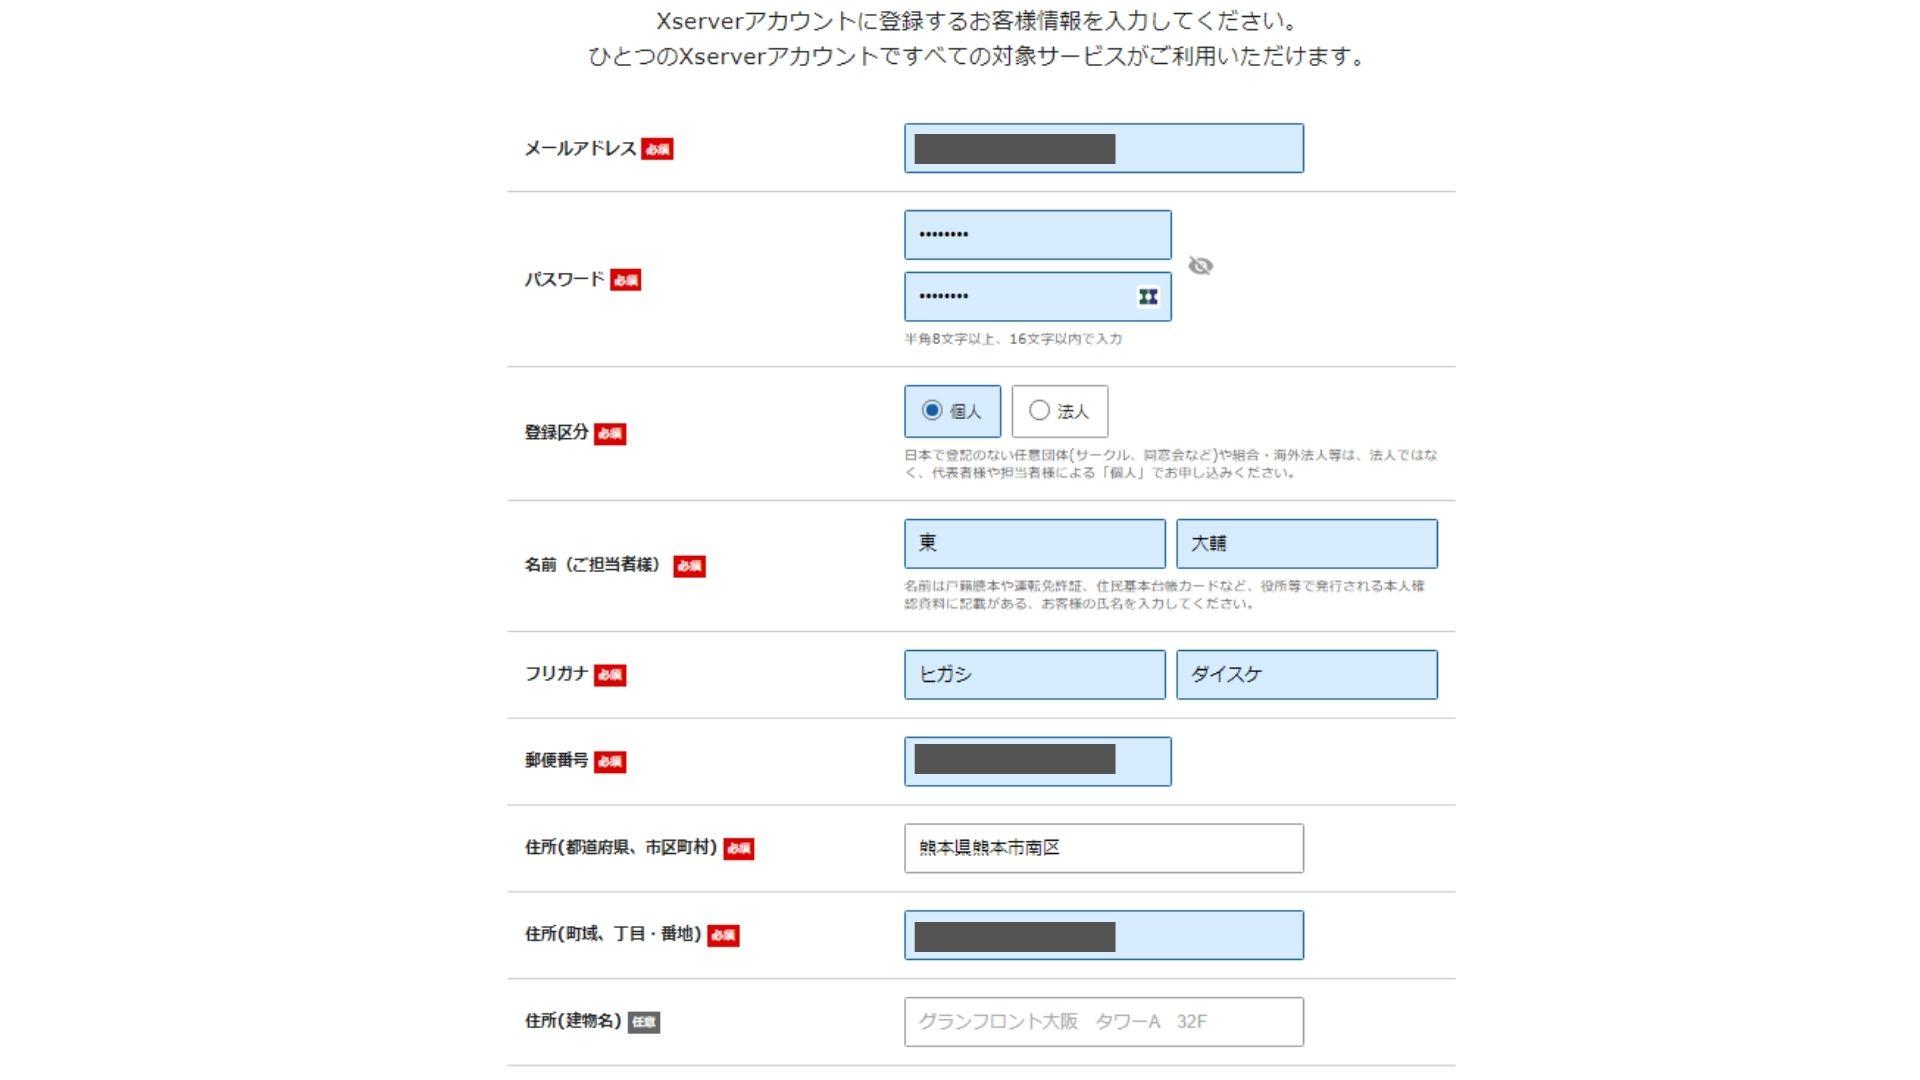 7.Xserverの登録情報を入力